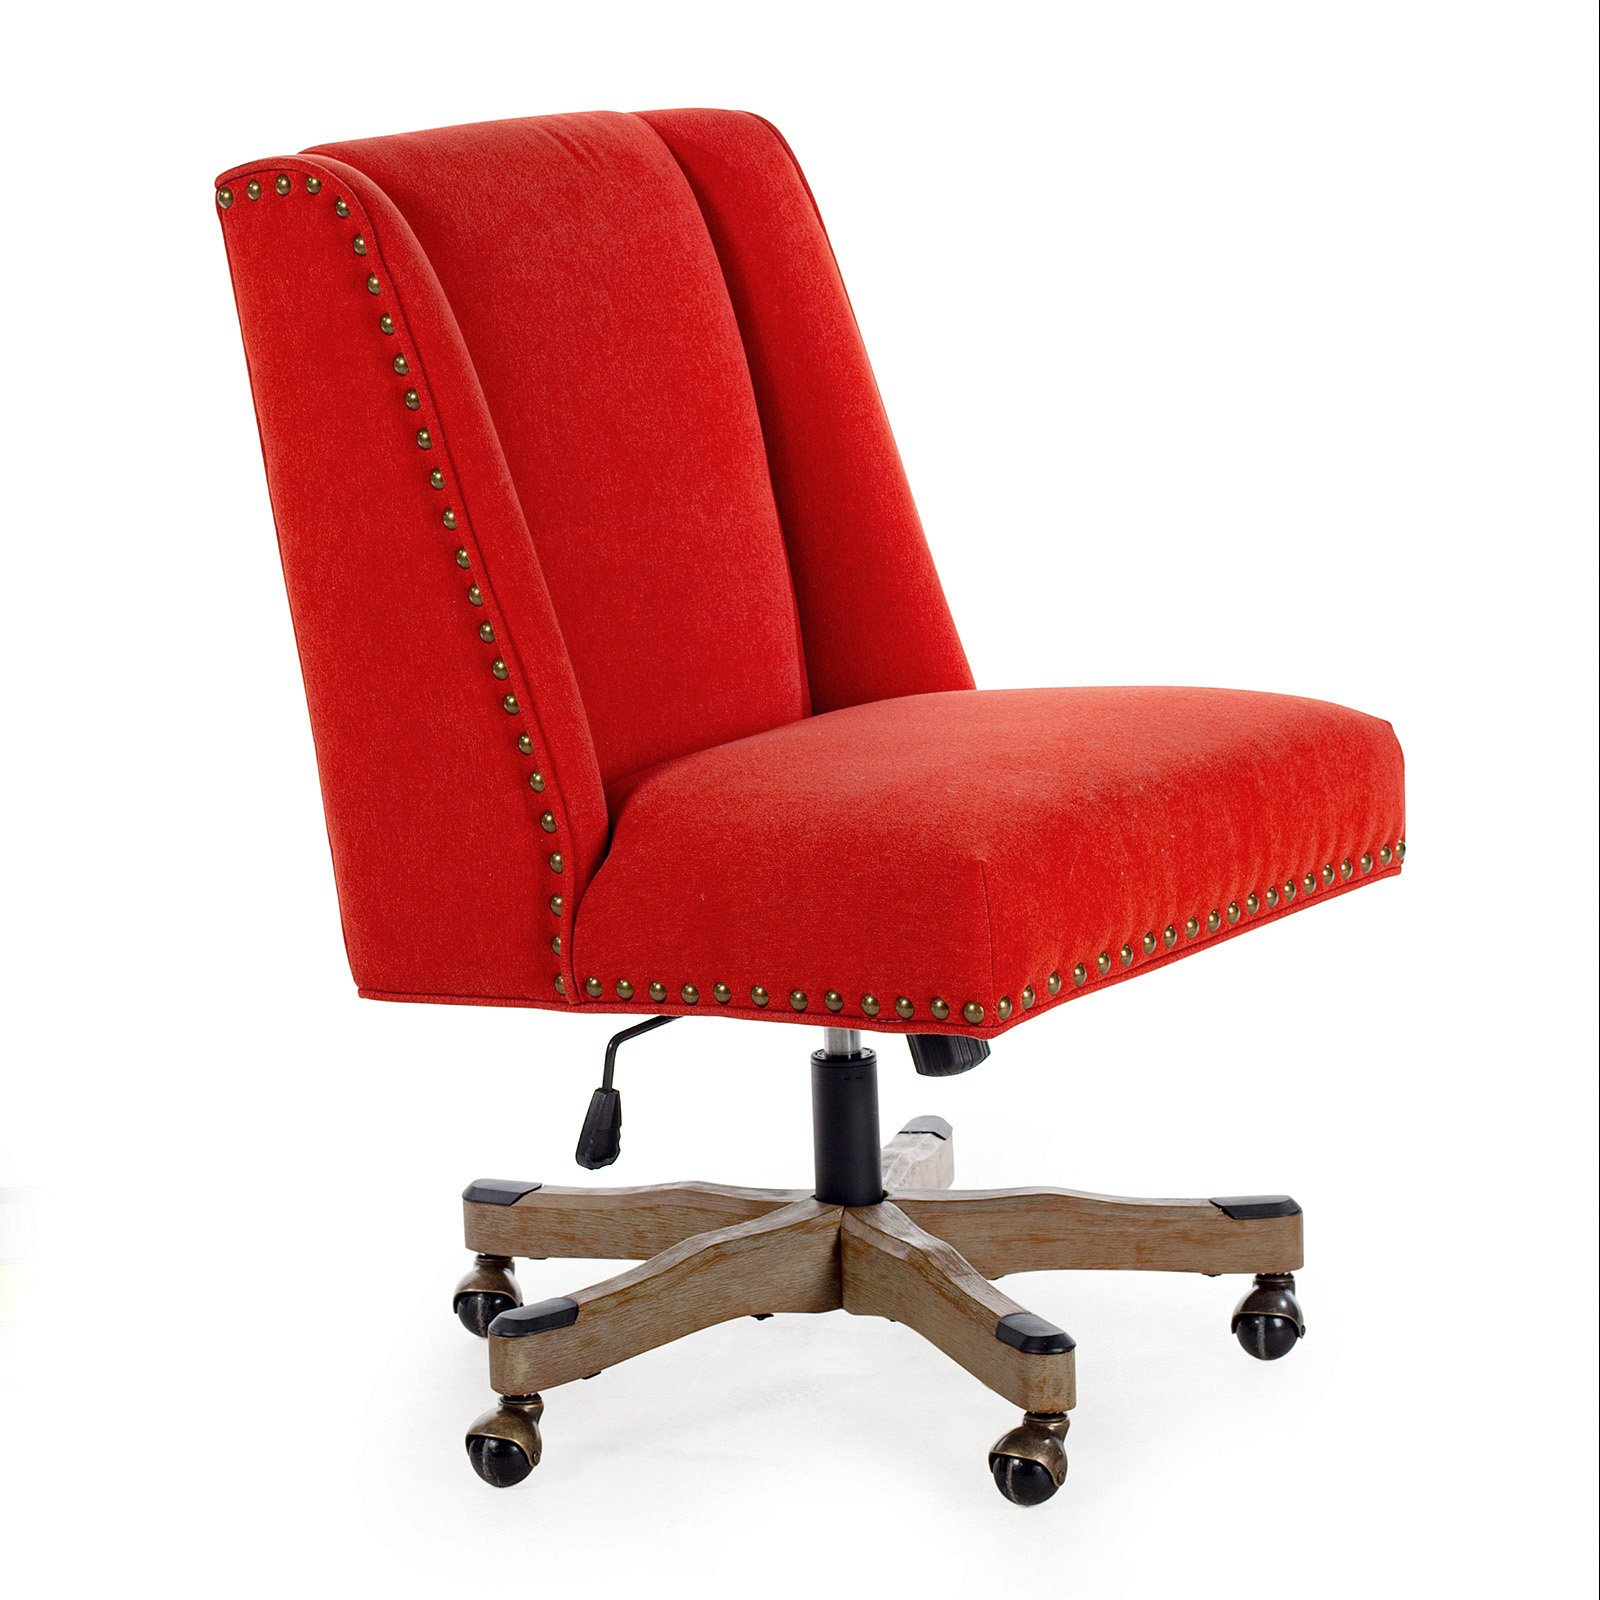 Belham Living Alistair Office Chair